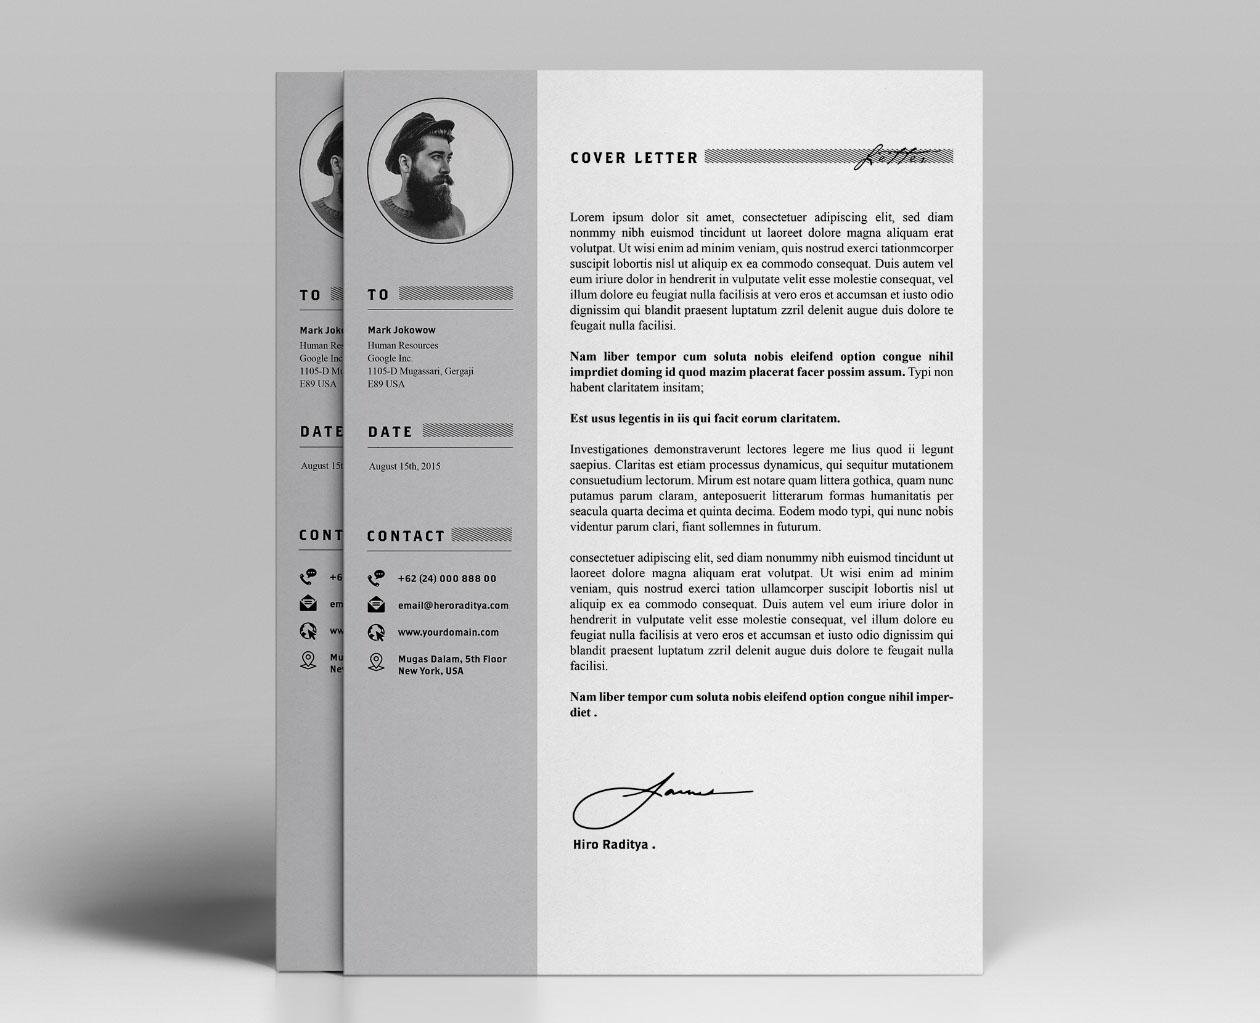 Resume & Portfolio Template - YA